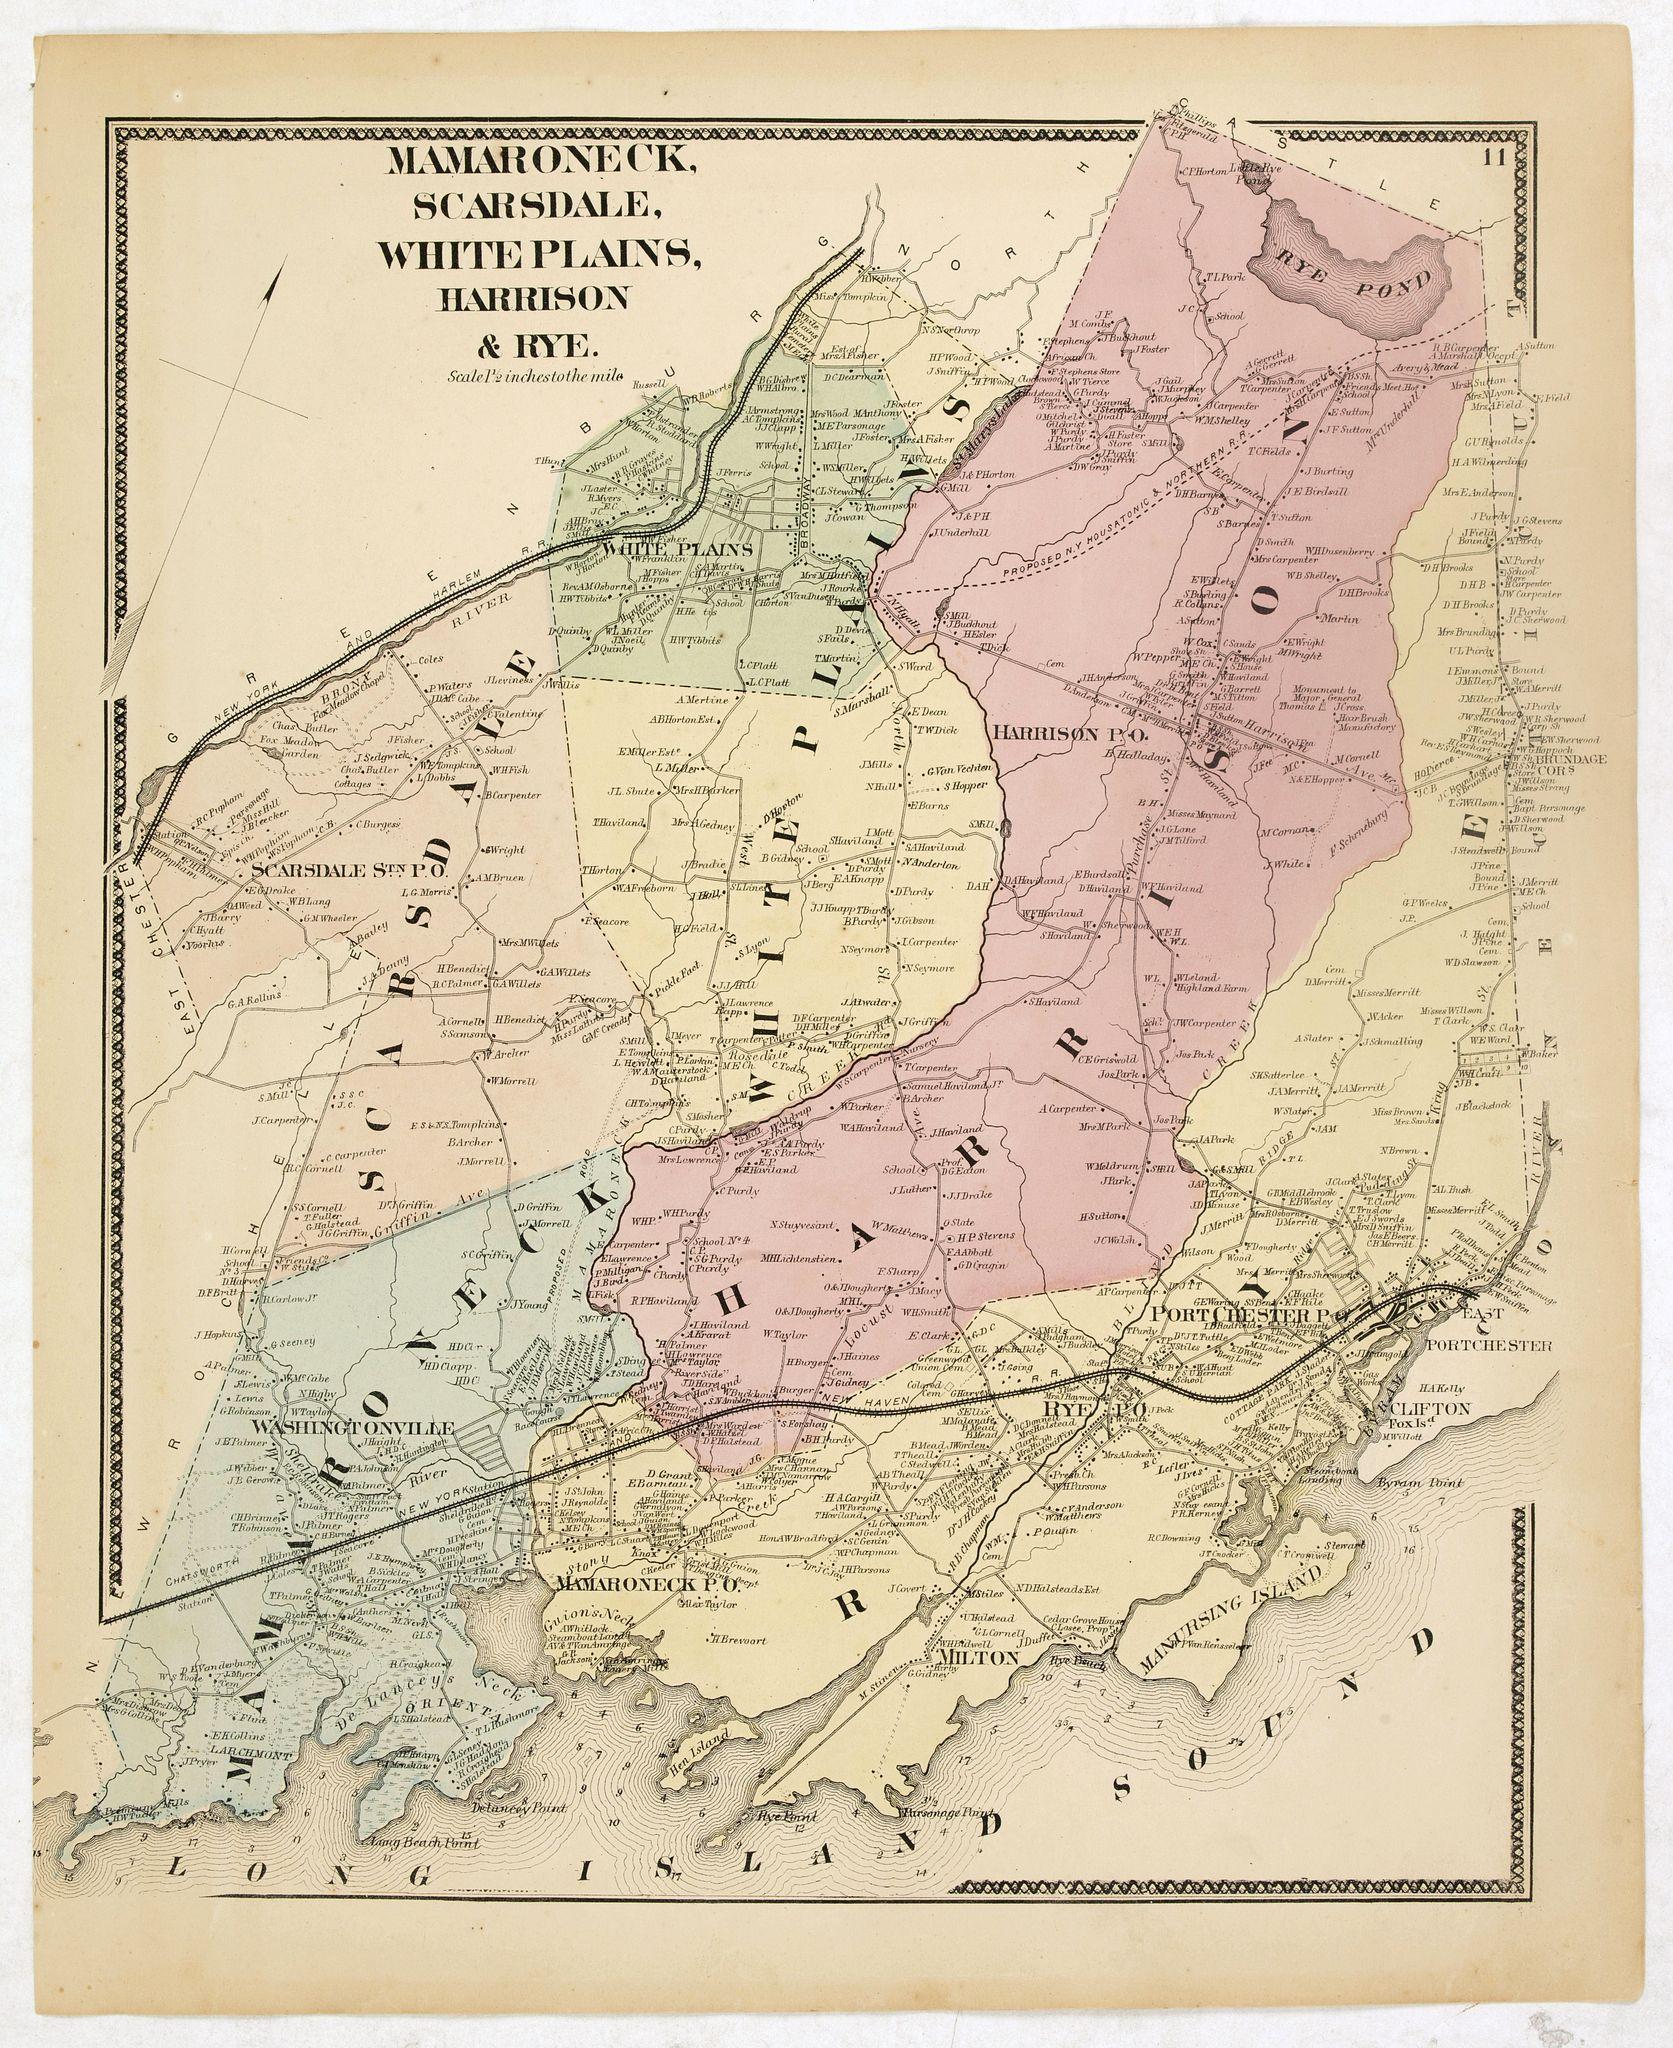 DE BEERS, F.W. -  Mamaroneck, Scarsdale, White plans, Harrison & Rye.